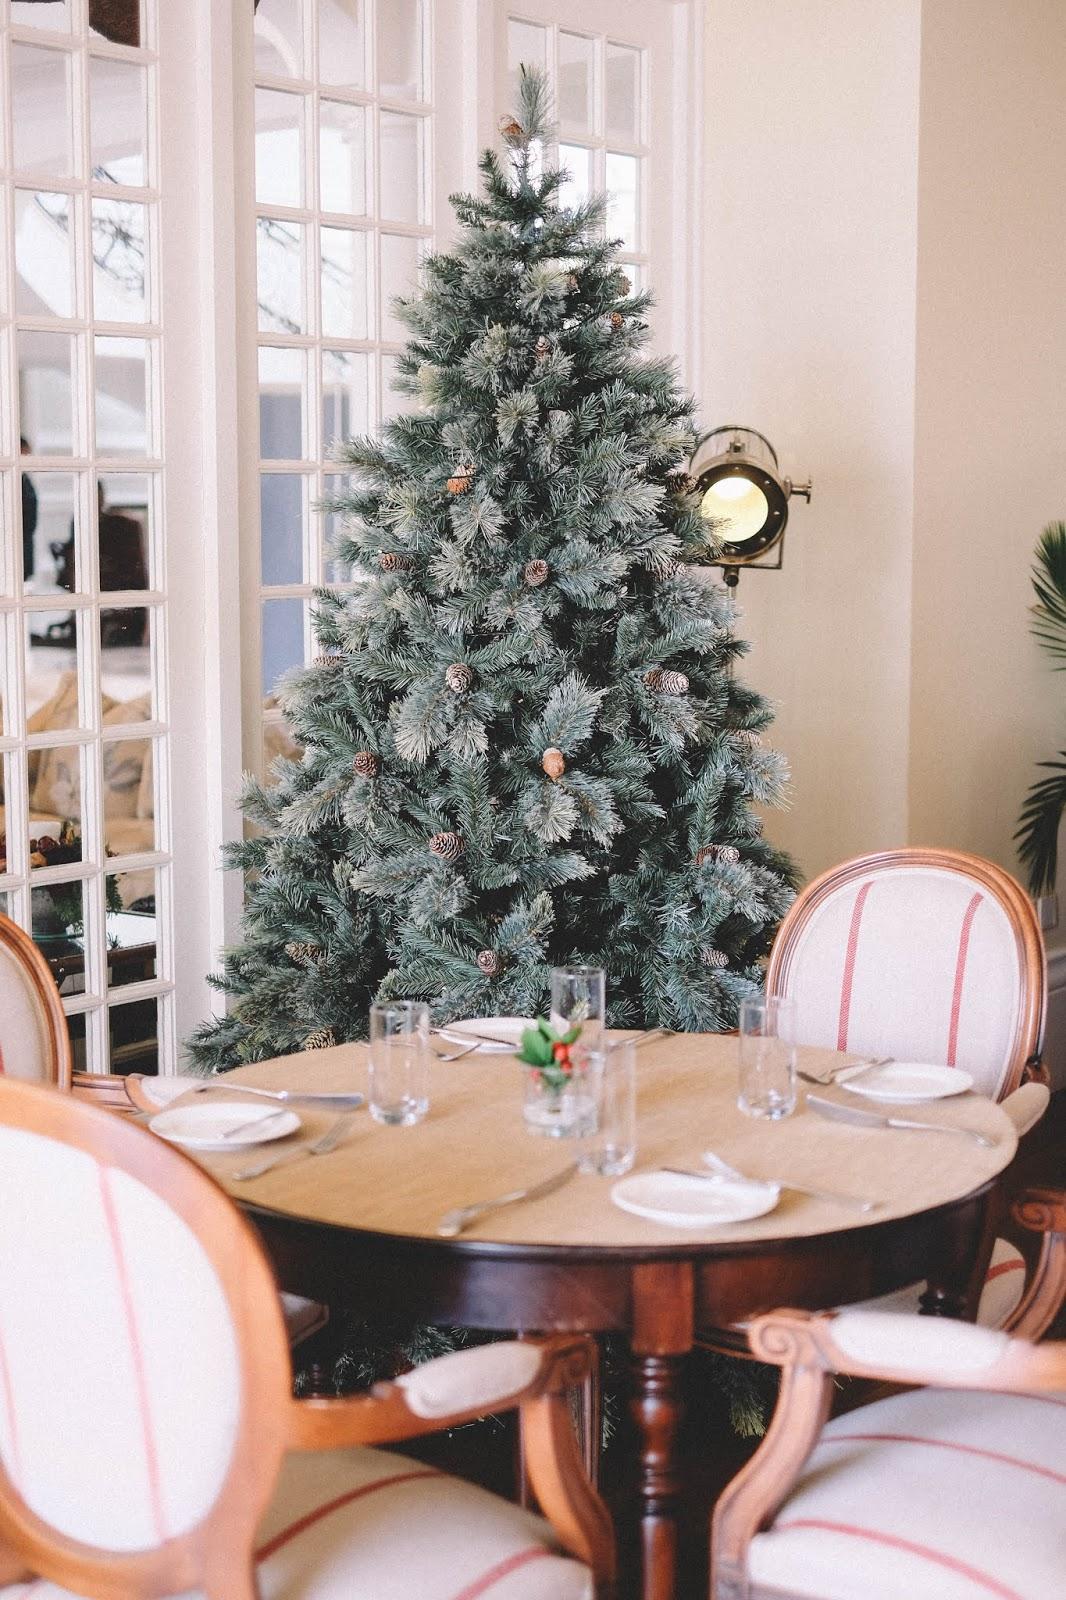 Kunststoff Weihnachtsbaum Kaufen.Künstlichen Weihnachtsbaum Kaufen So Finden Sie Den Perfekten Baum